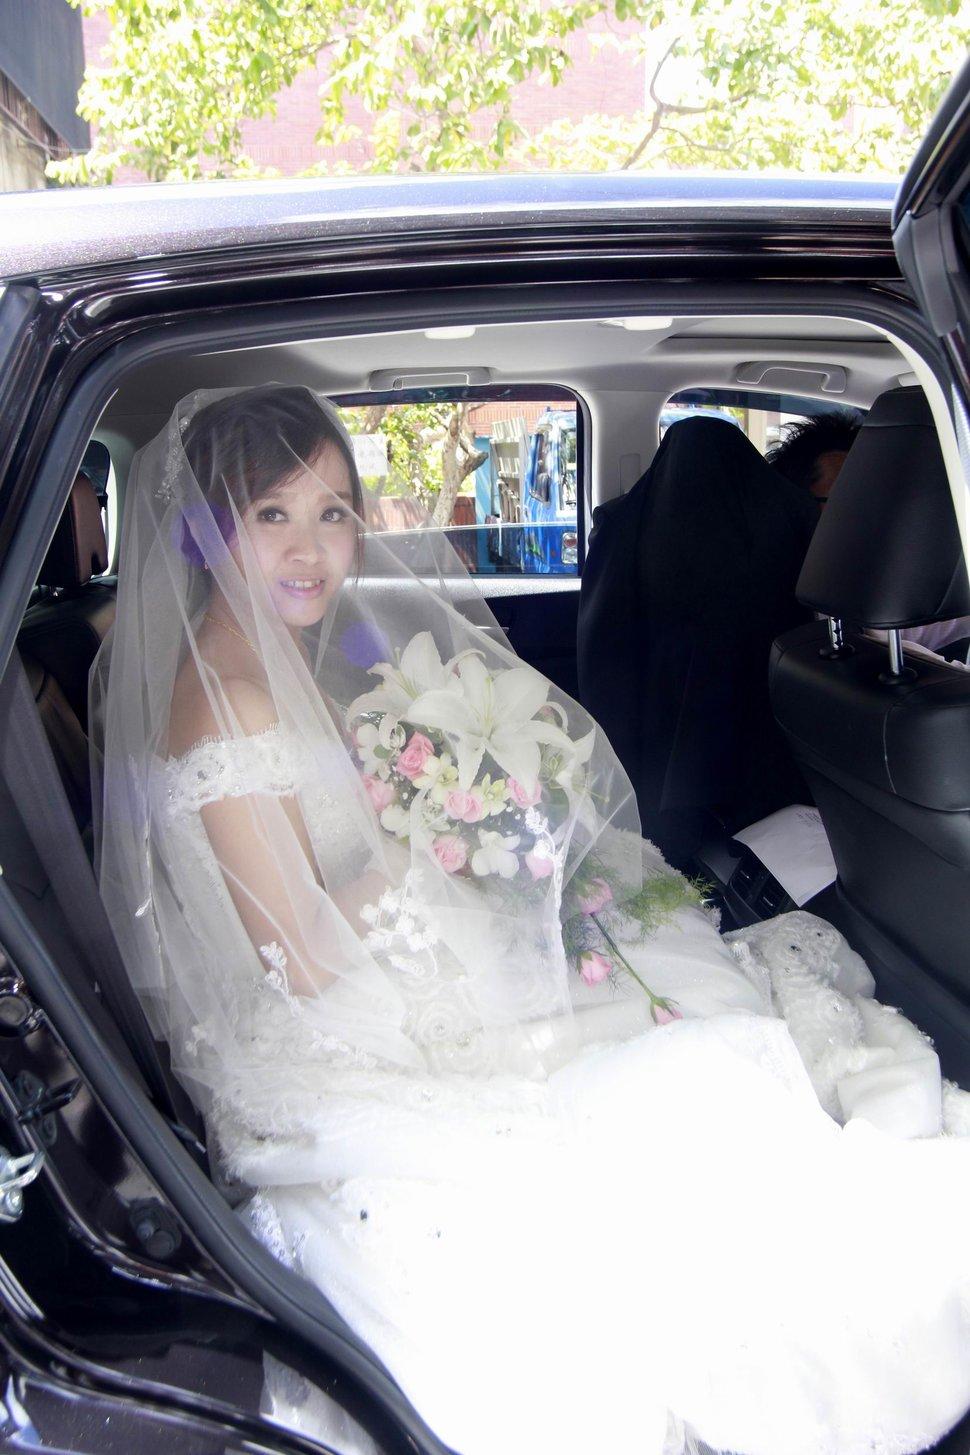 永和易牙居婚宴廣場宴會廳婚婚禮記錄結婚迎娶婚禮記錄動態微電影錄影專業錄影平面攝影婚攝婚禮(編號:213031) - 蜜月拍照10800錄影12800攝影團隊 - 結婚吧